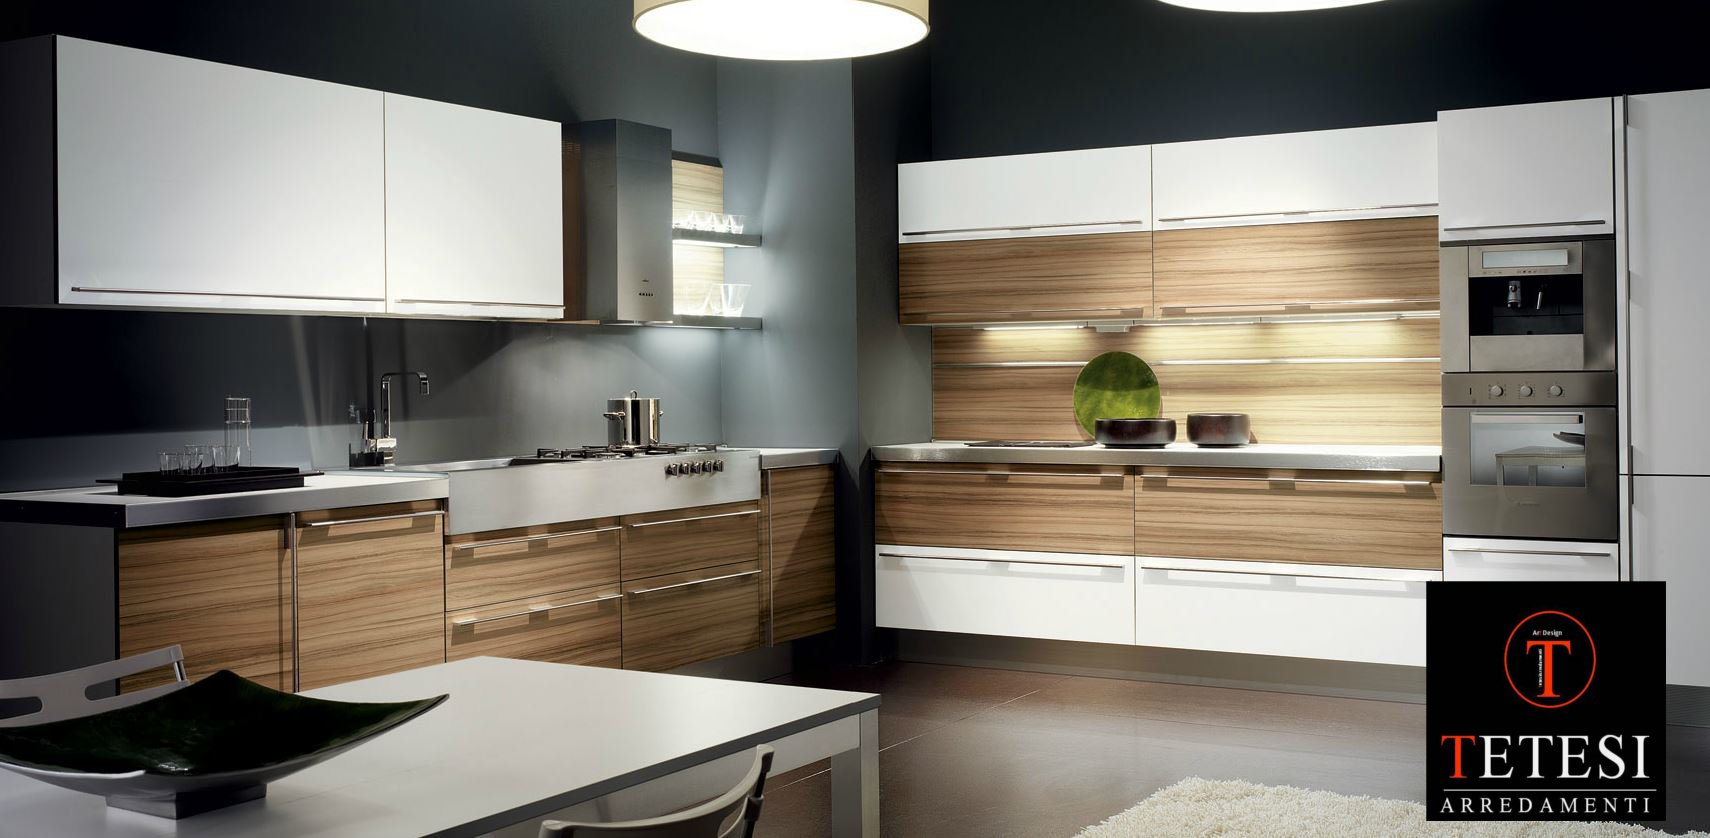 cucina moderna bicolore con cappa new design. net cucine fiores ...